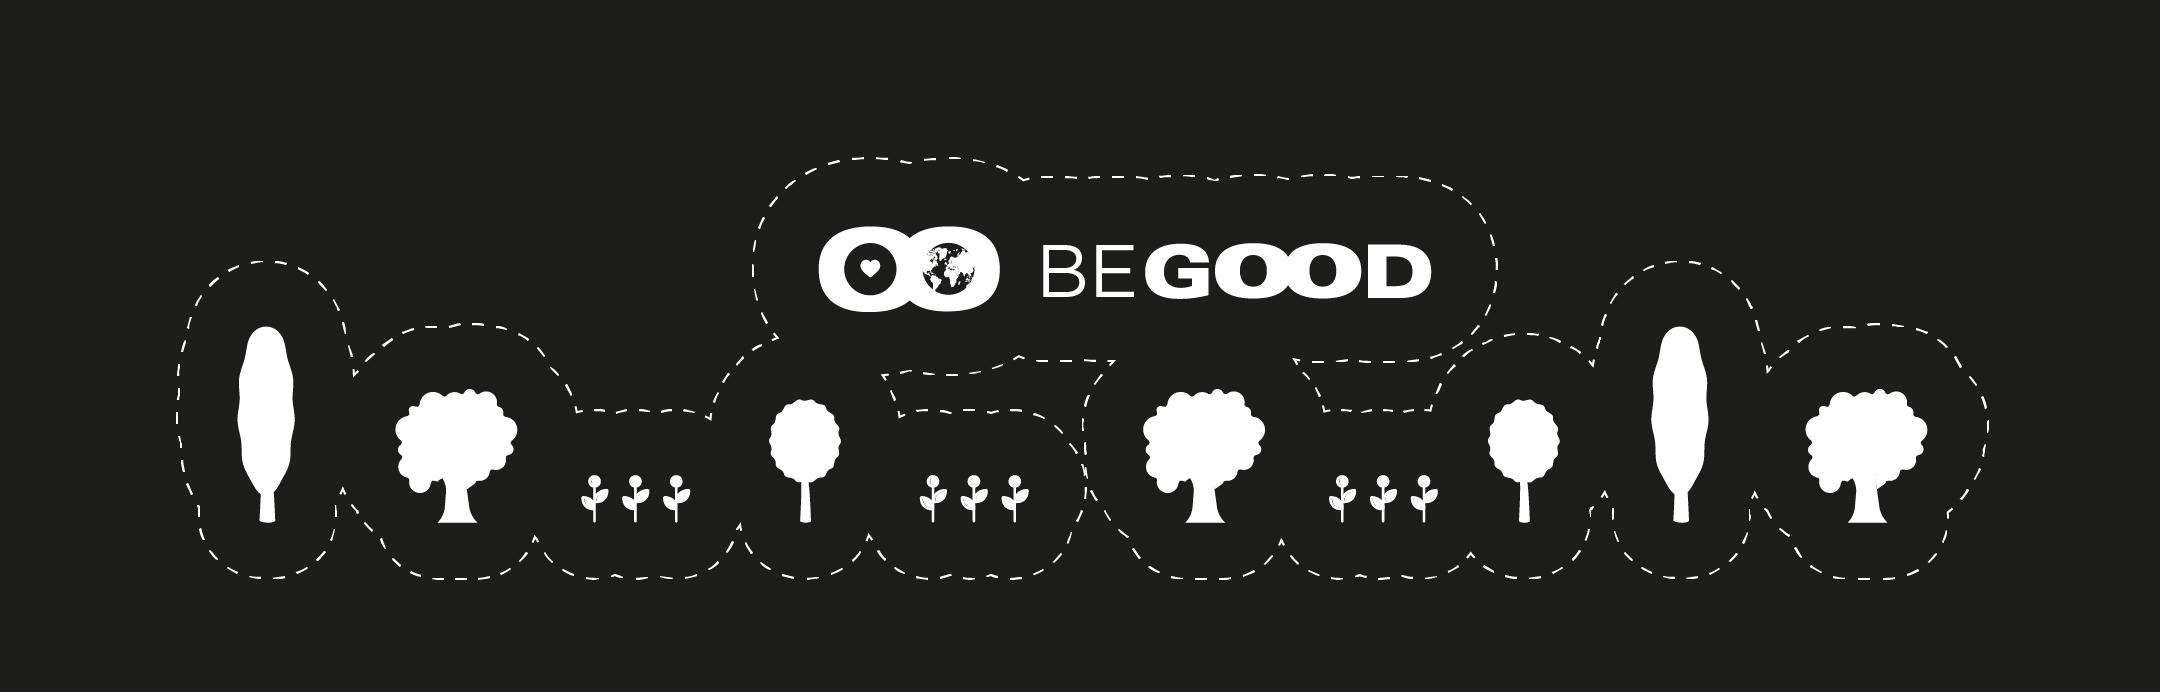 מכירות באמזון |NotFromHere Design Studio|Amazon Sale |Joovy- Be Good| אריזות|עיצוב פריסה|מוצרים לפעוטות וילדים|